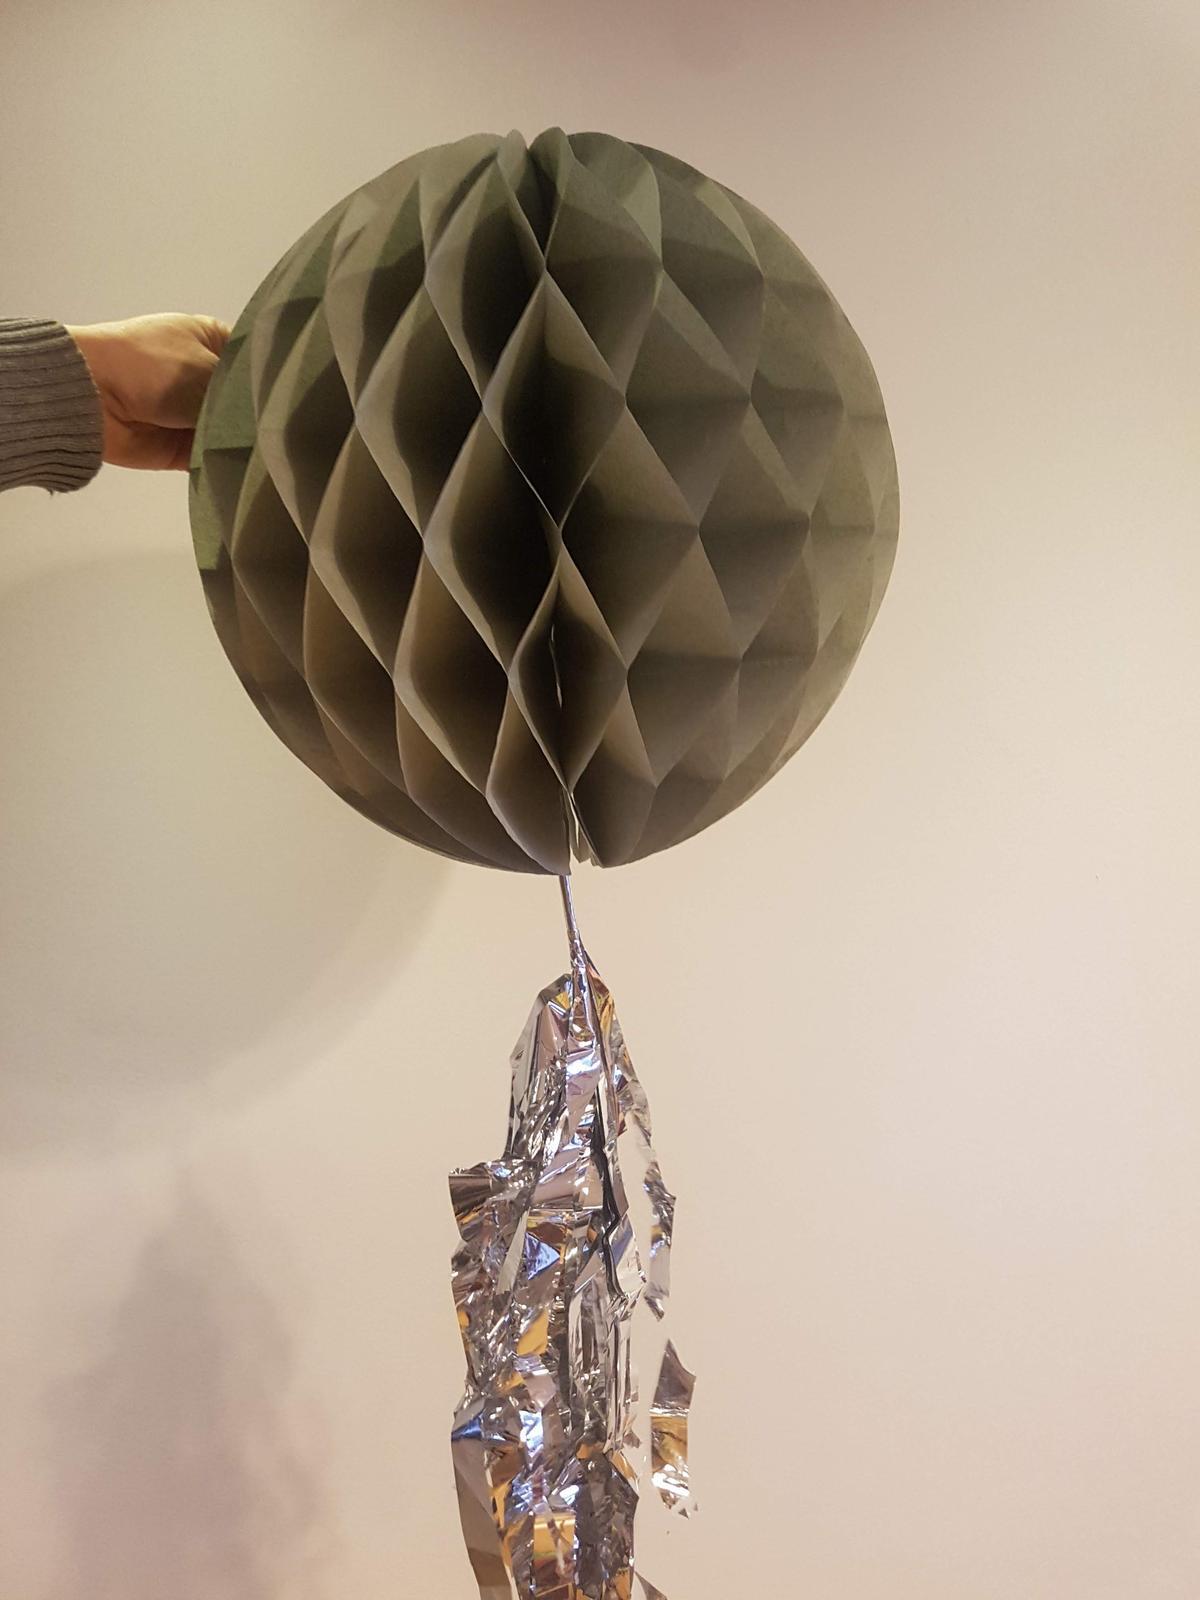 lampionky ozdobné koule  - Obrázek č. 1